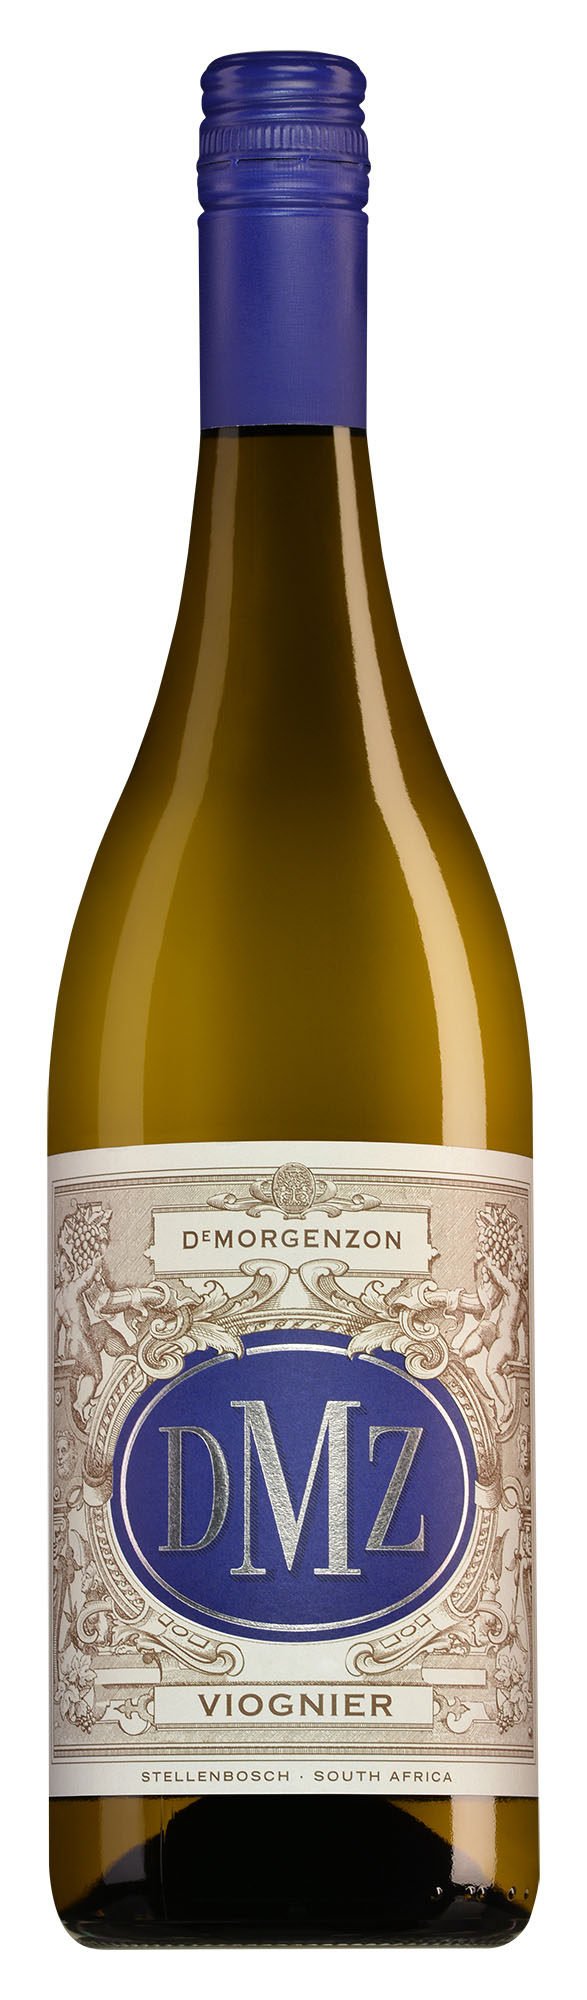 DeMorgenzon Stellenbosch DMZ Viognier Limited Release